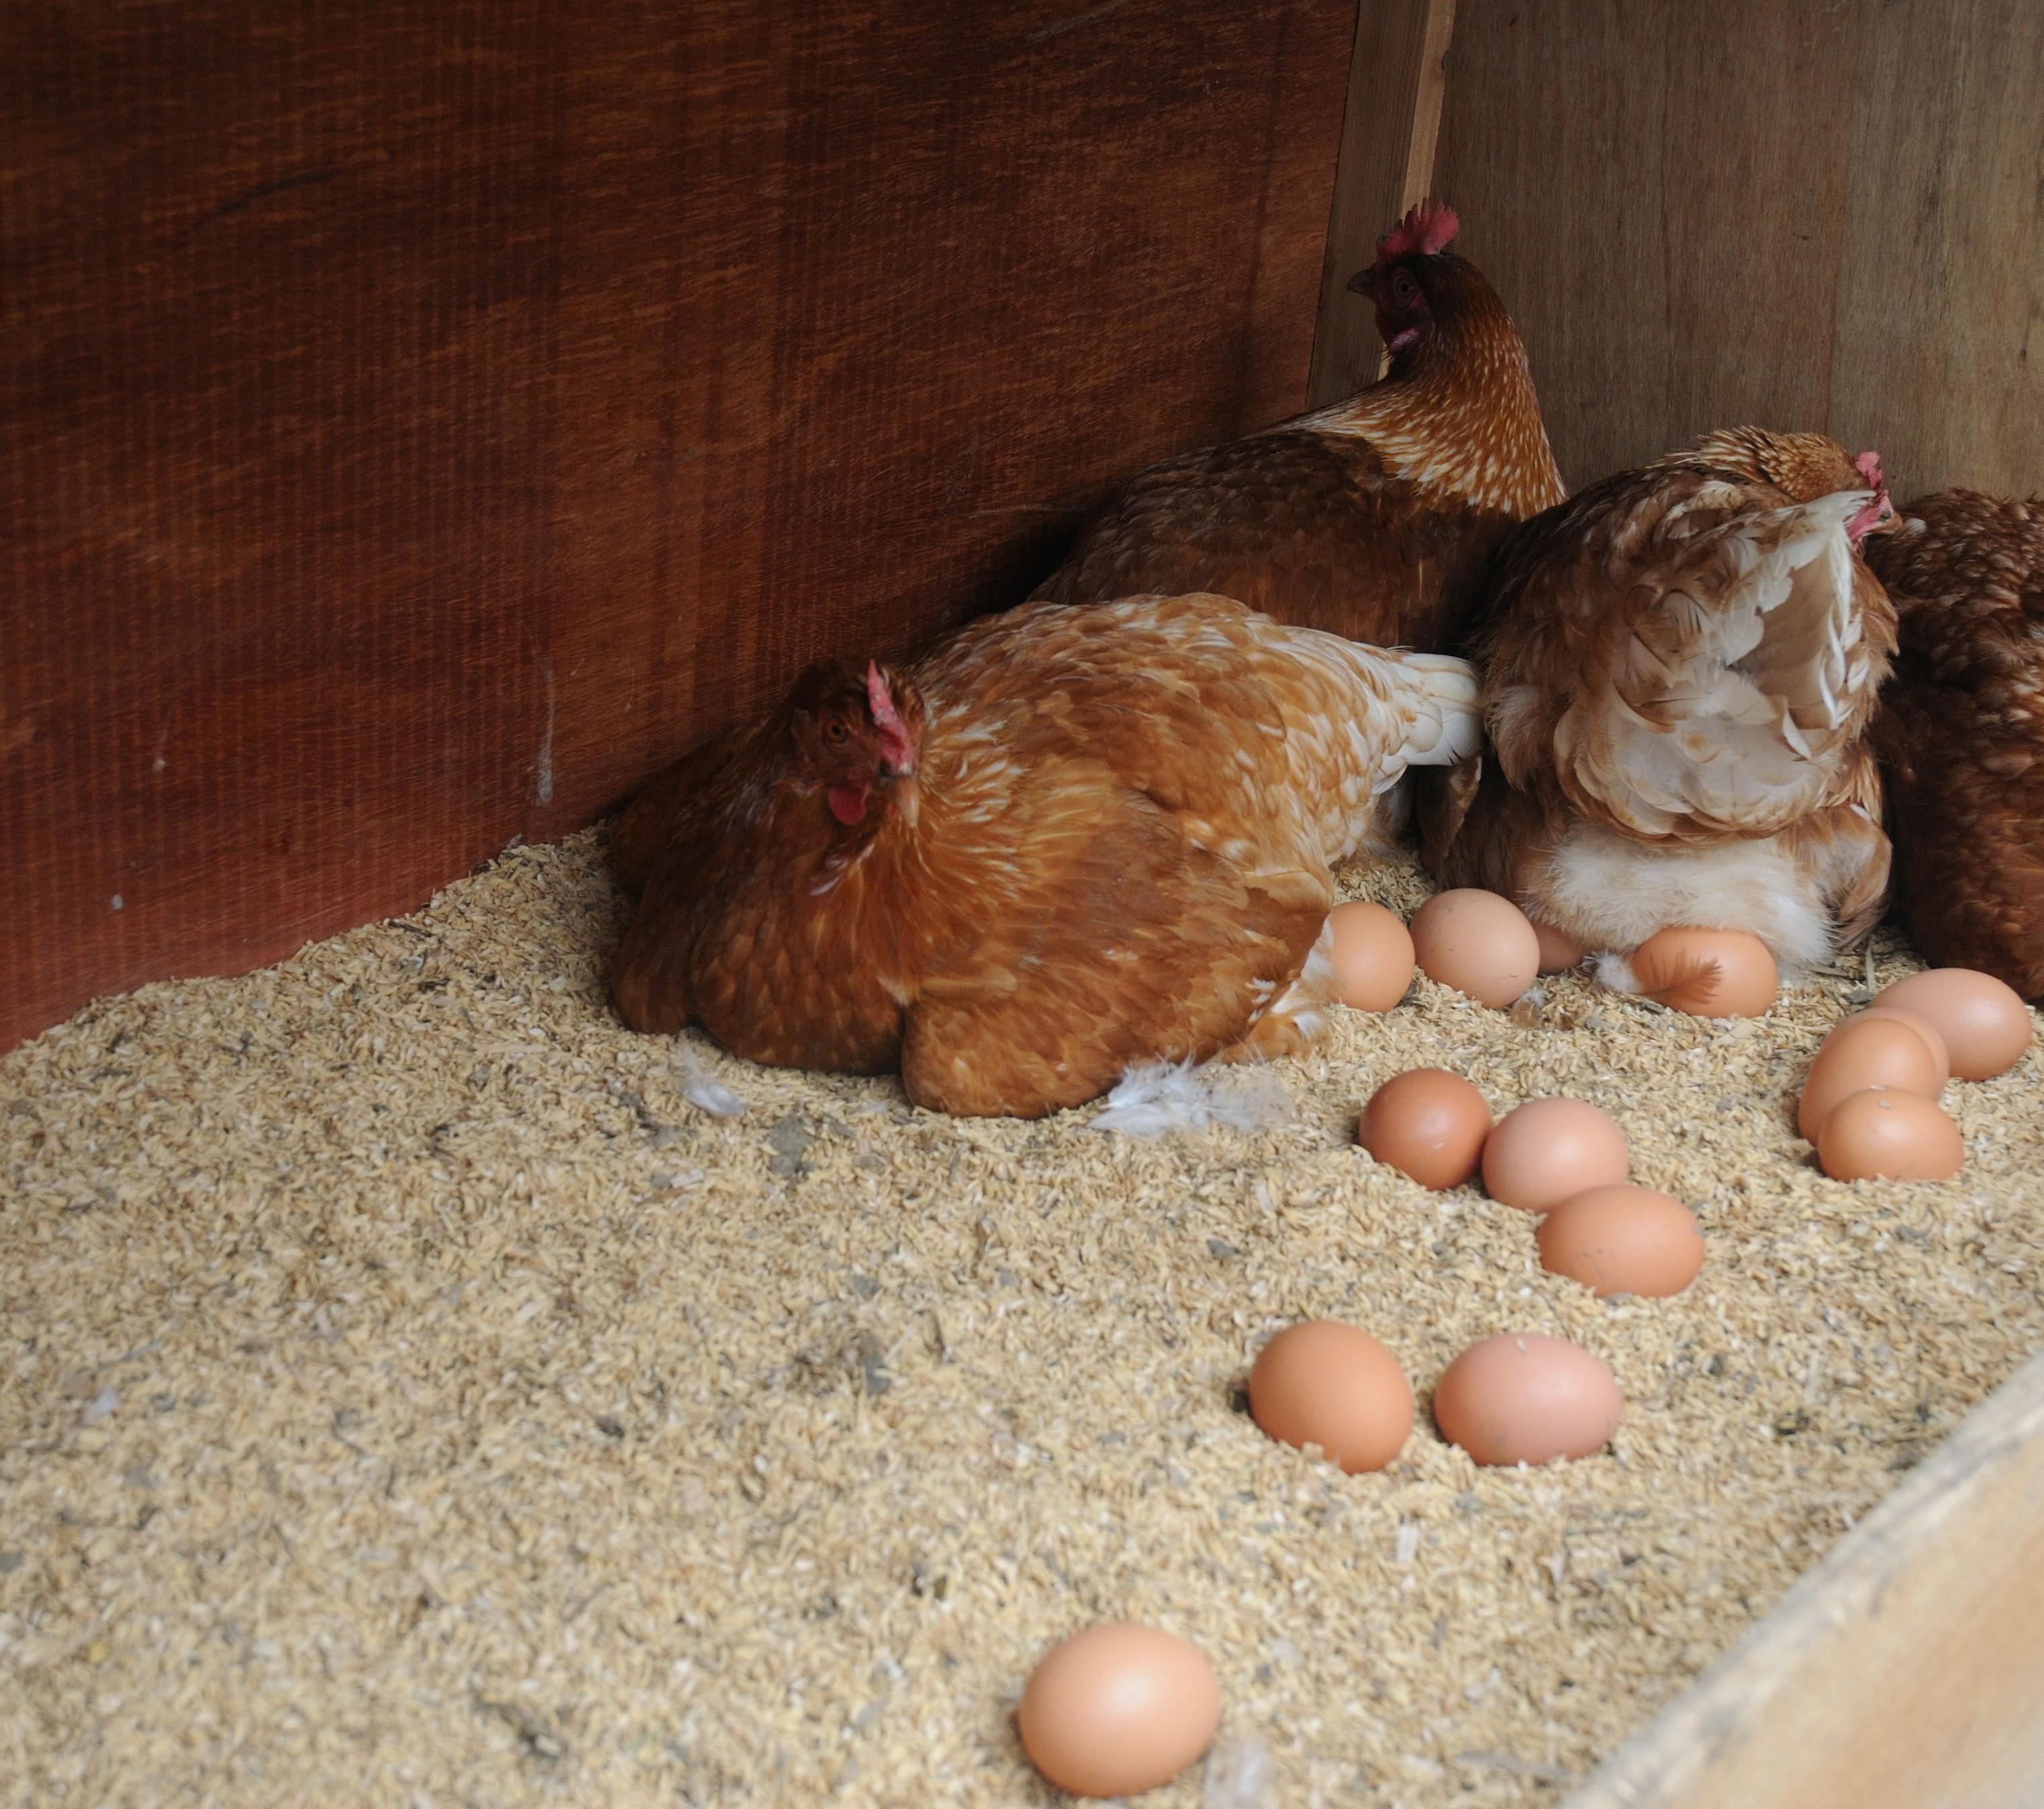 卵商品のチルド発送について